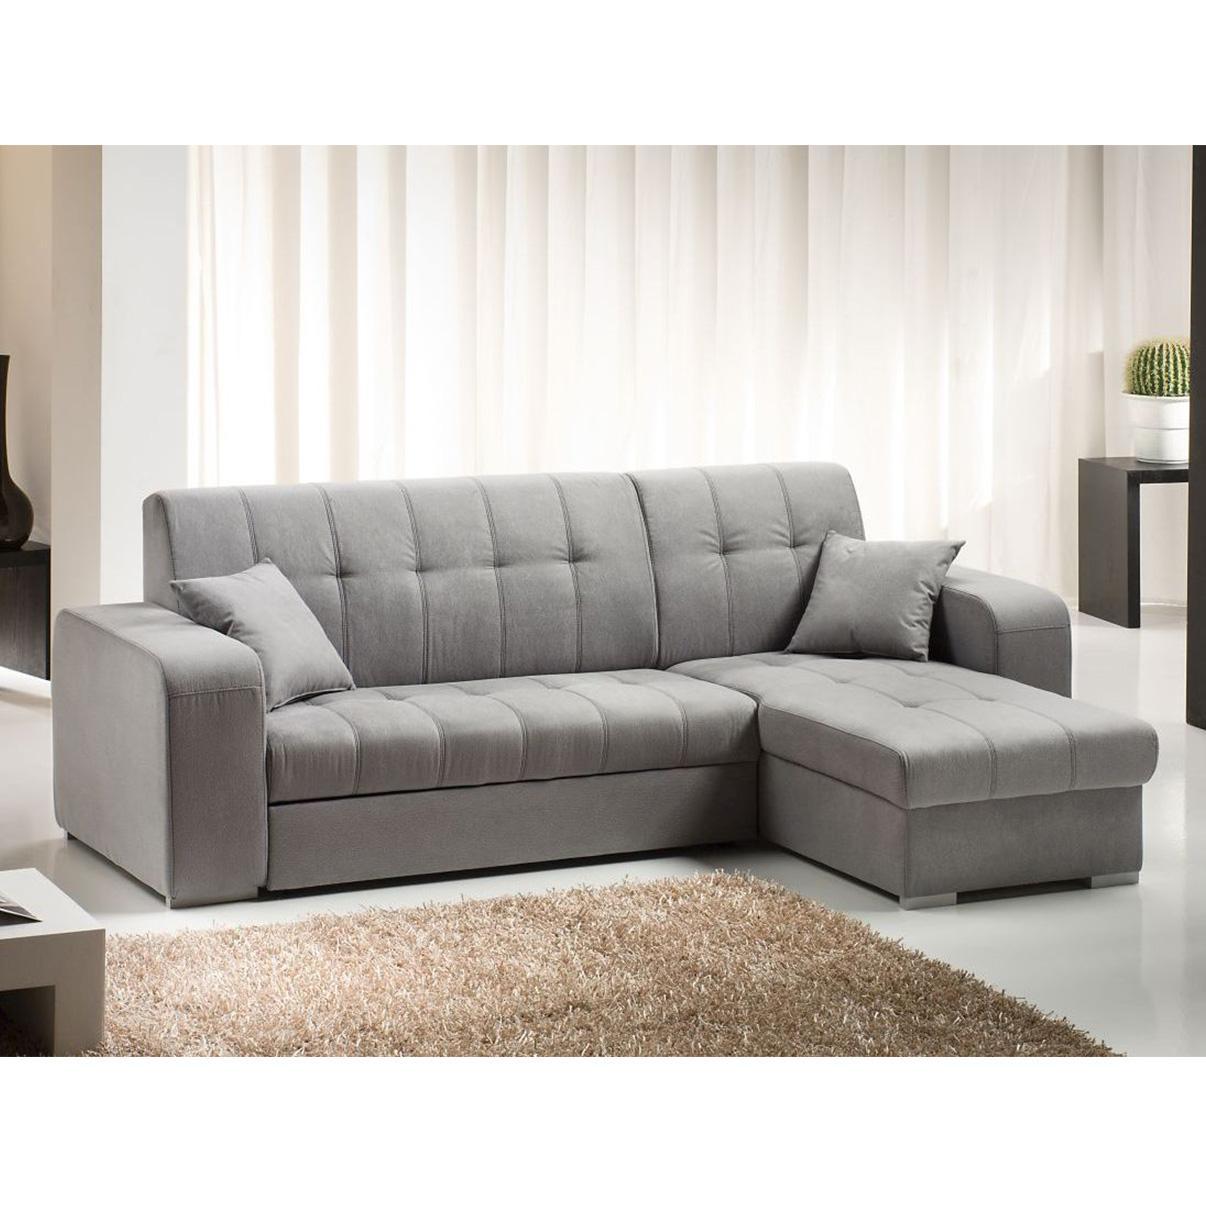 Vanessa divano letto arredocasa serafino - Divano angolare grigio ...